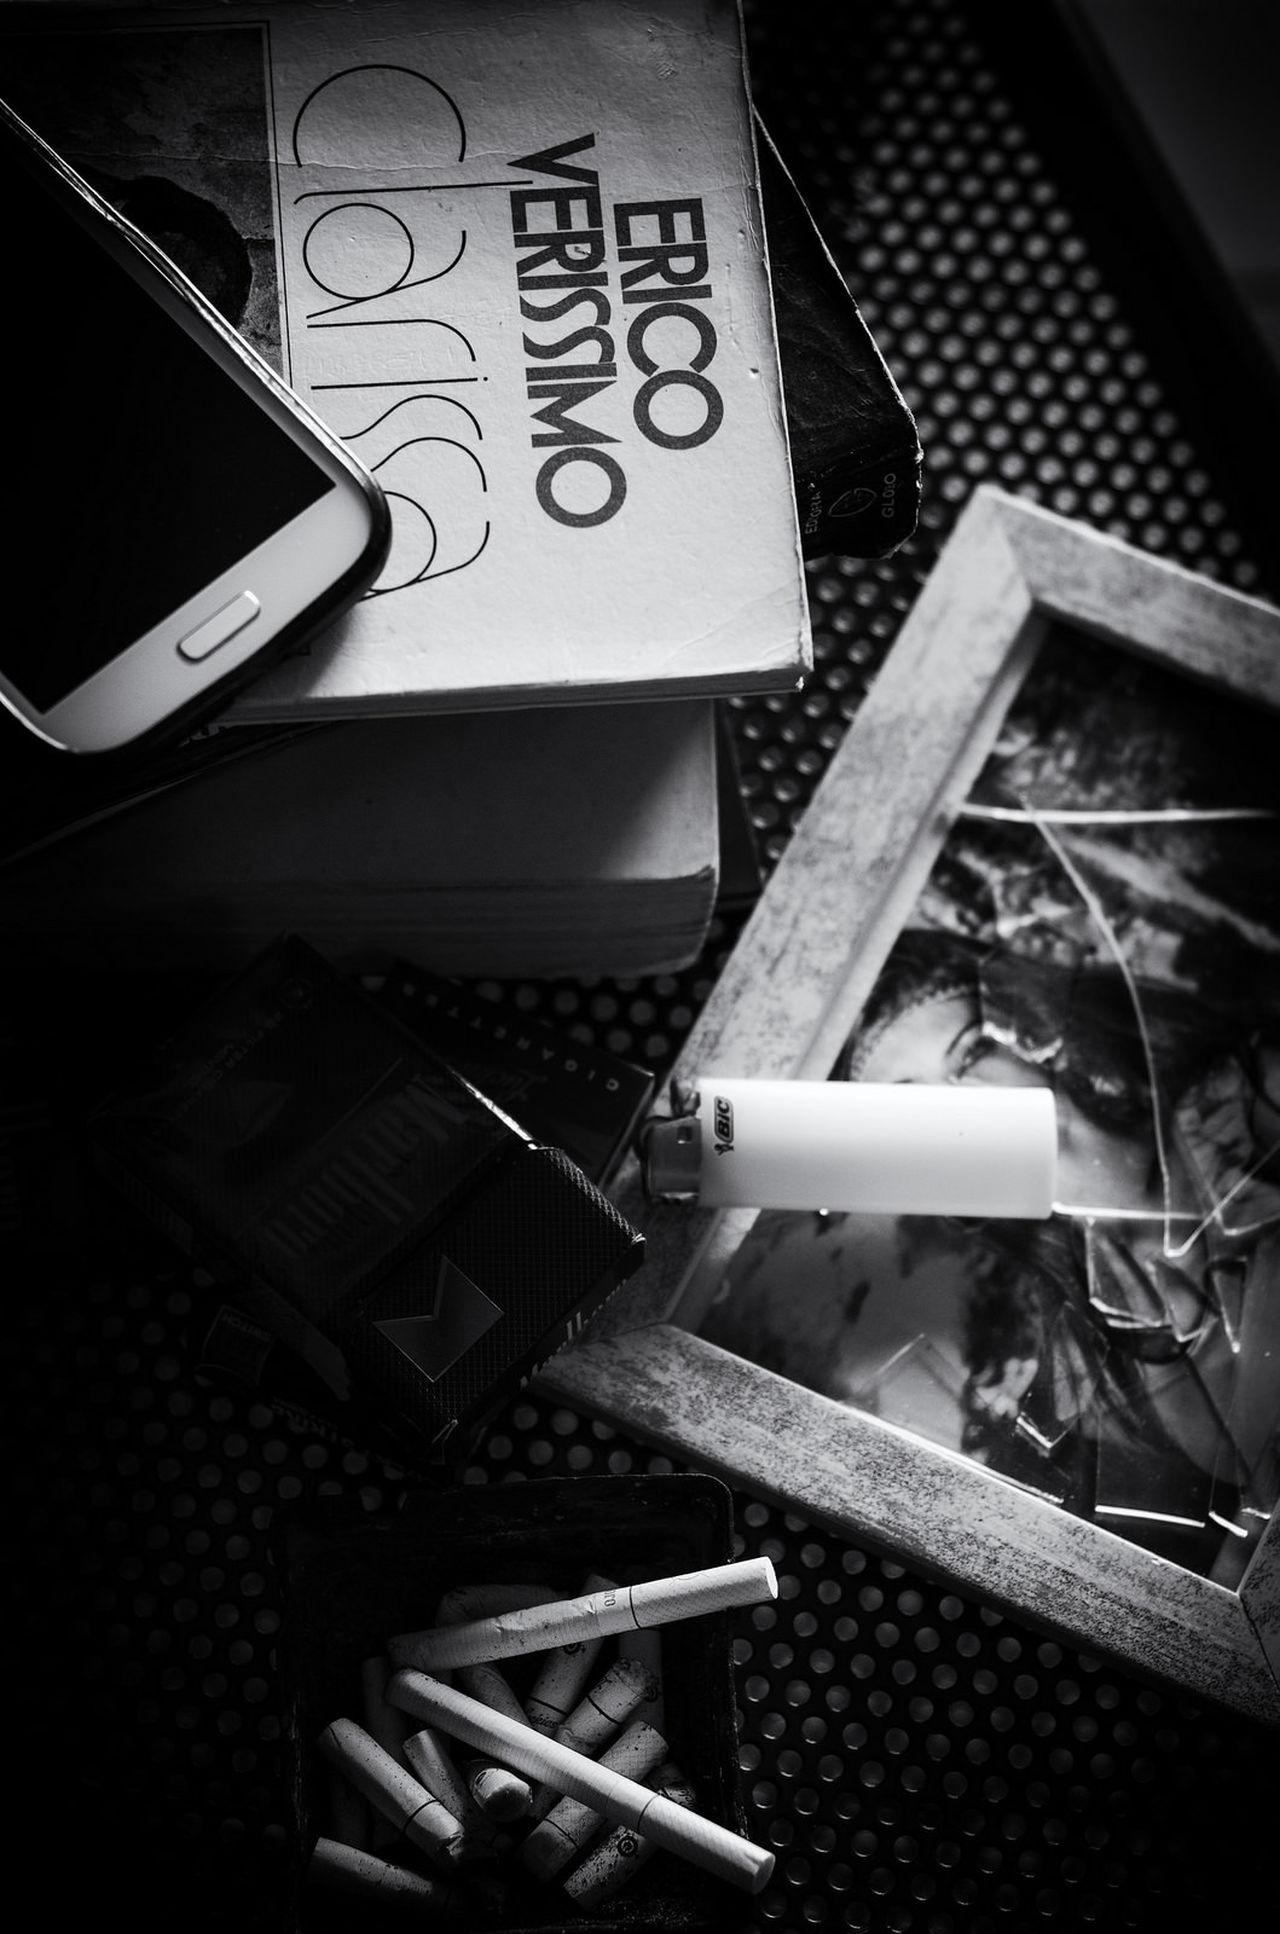 Nó(s) Light And Shadow Black & White Black And White Blackandwhite Preto & Branco Cigarro Cigarros Cinzeiro Ashtray  Broken Glass Broken Heart Coracaopartido Coração Partido Isqueiro Lighter Celular Telefone Phone Cellphone Smartphone Livro  Book Erico Veríssimo Cigarrette Clarissa